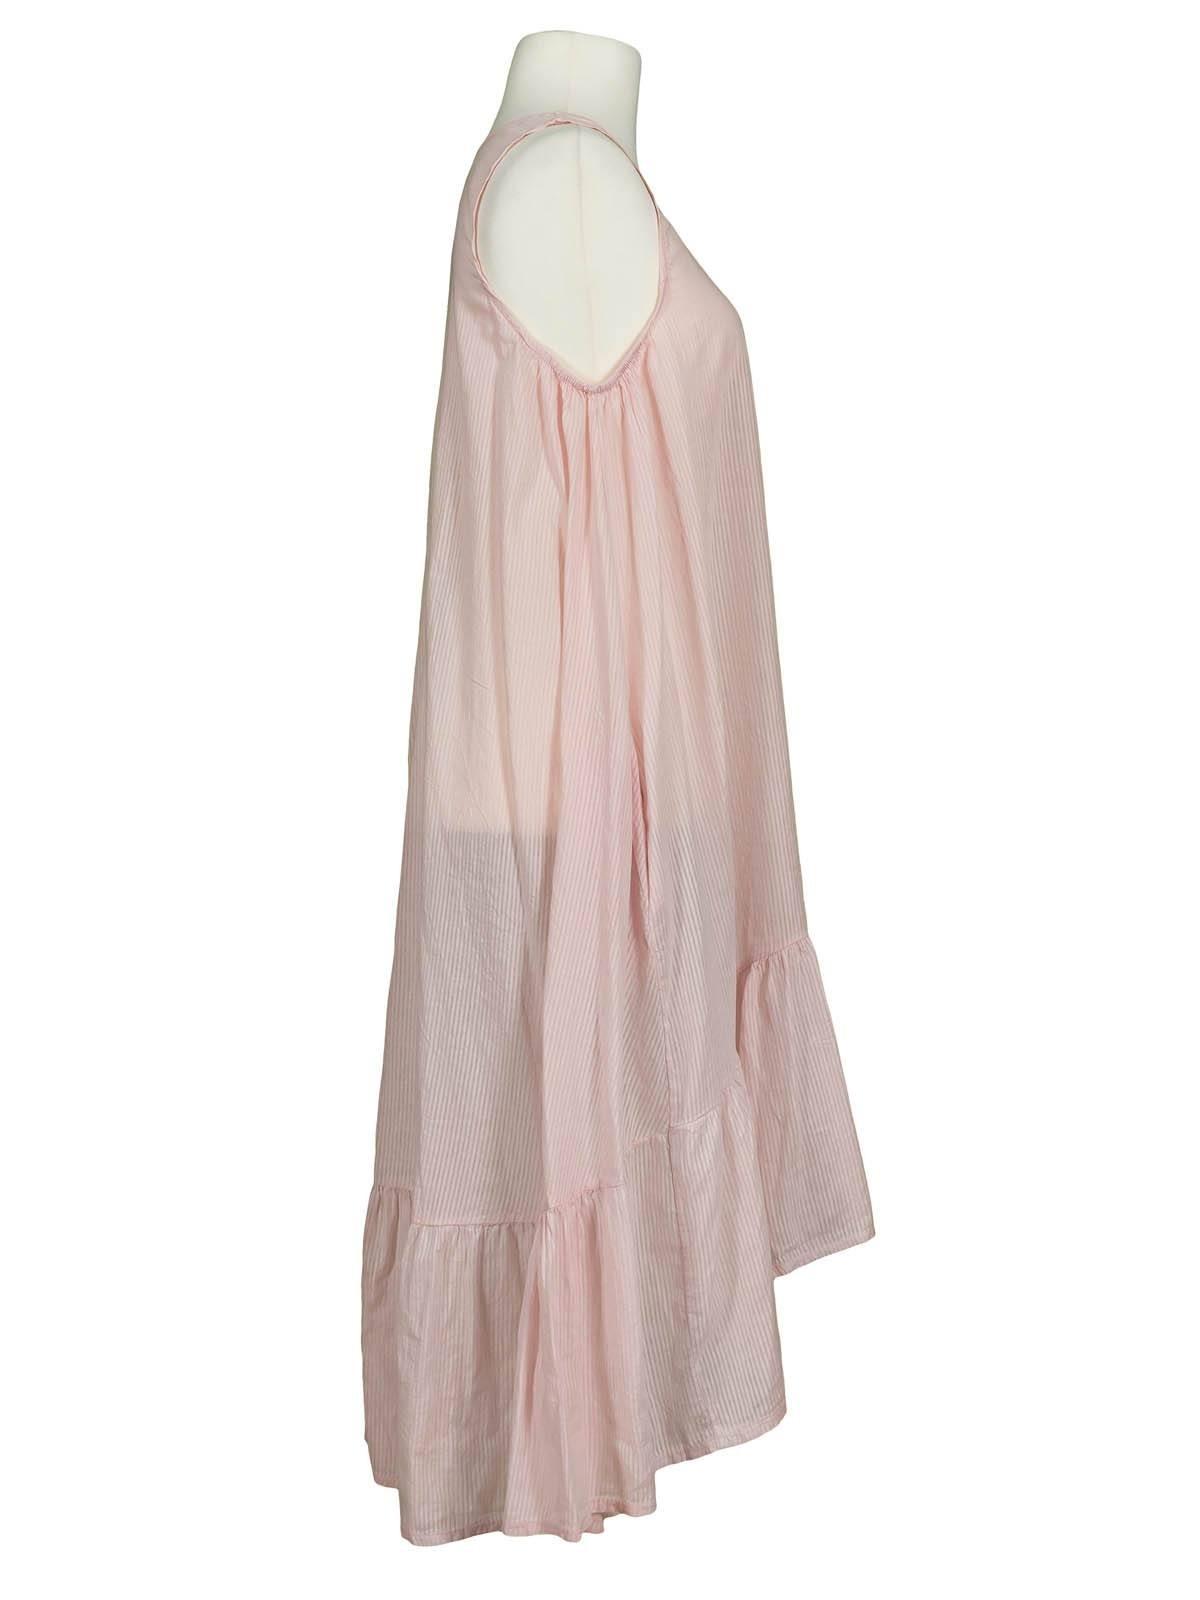 20 Schön Kleid Rosa Stylish20 Top Kleid Rosa für 2019